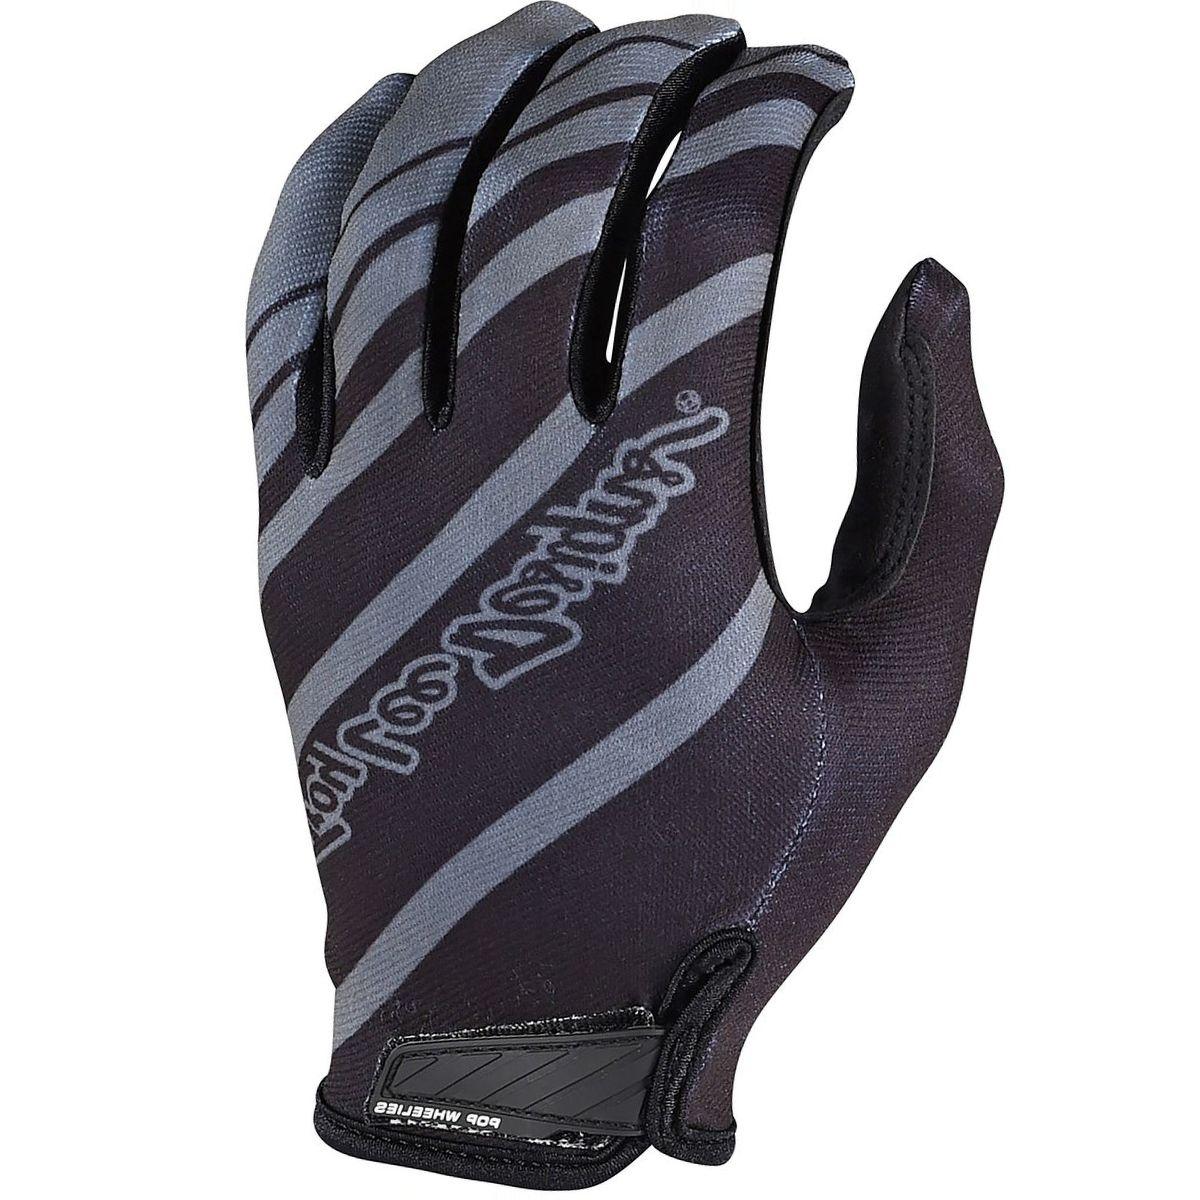 Troy Lee Designs Air Glove - Men's